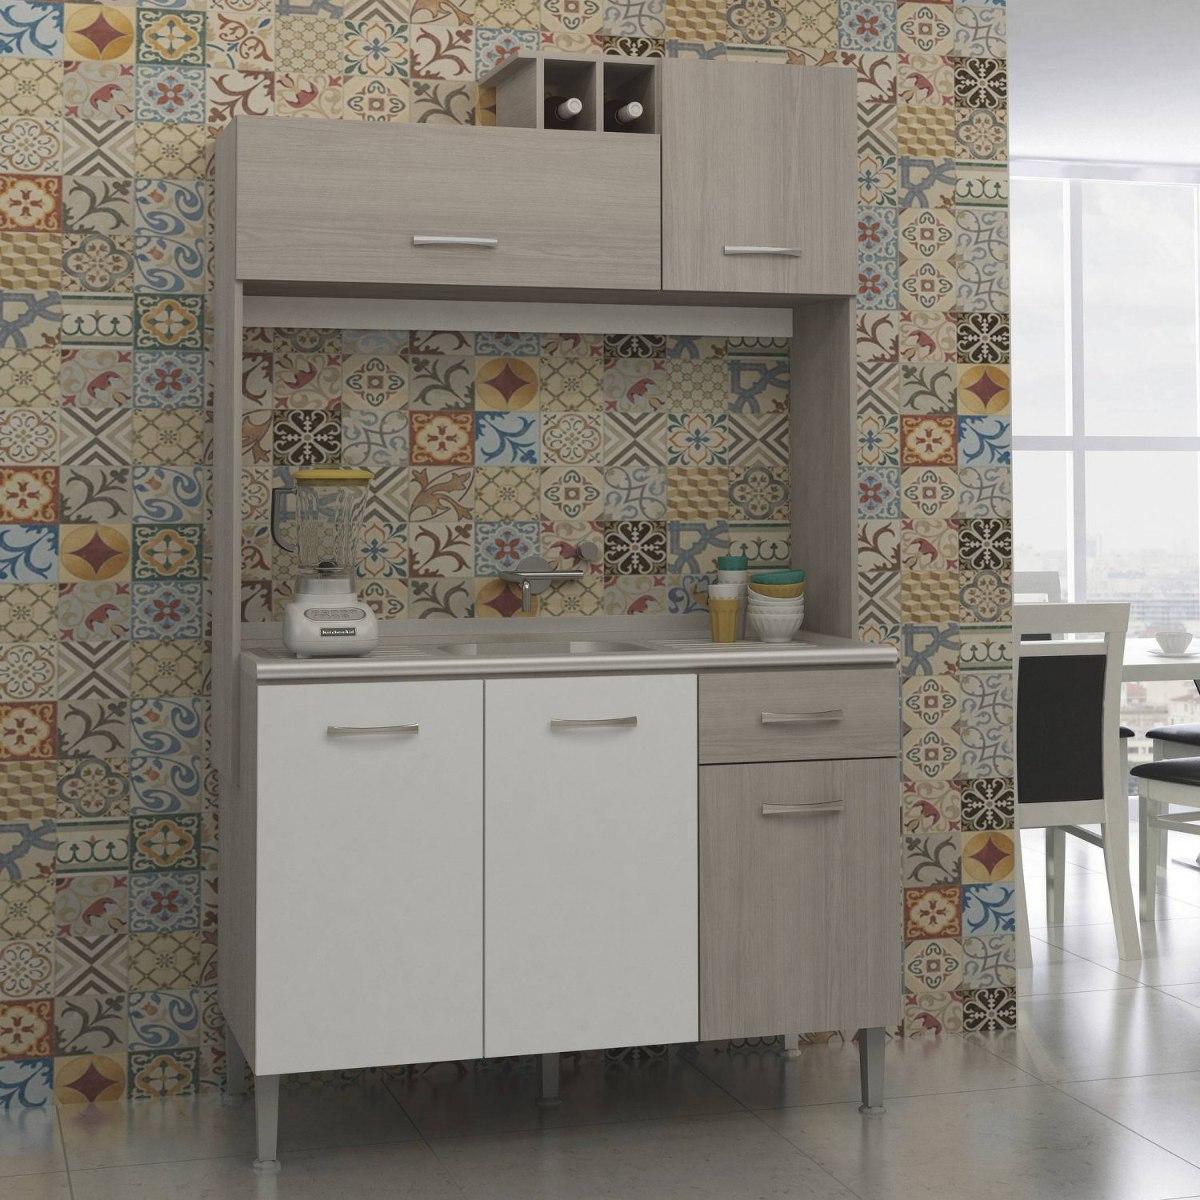 Cozinha Compacta 5 Portas 1 Gaveta 0276 Sofia Jcwt R 364 70 Em